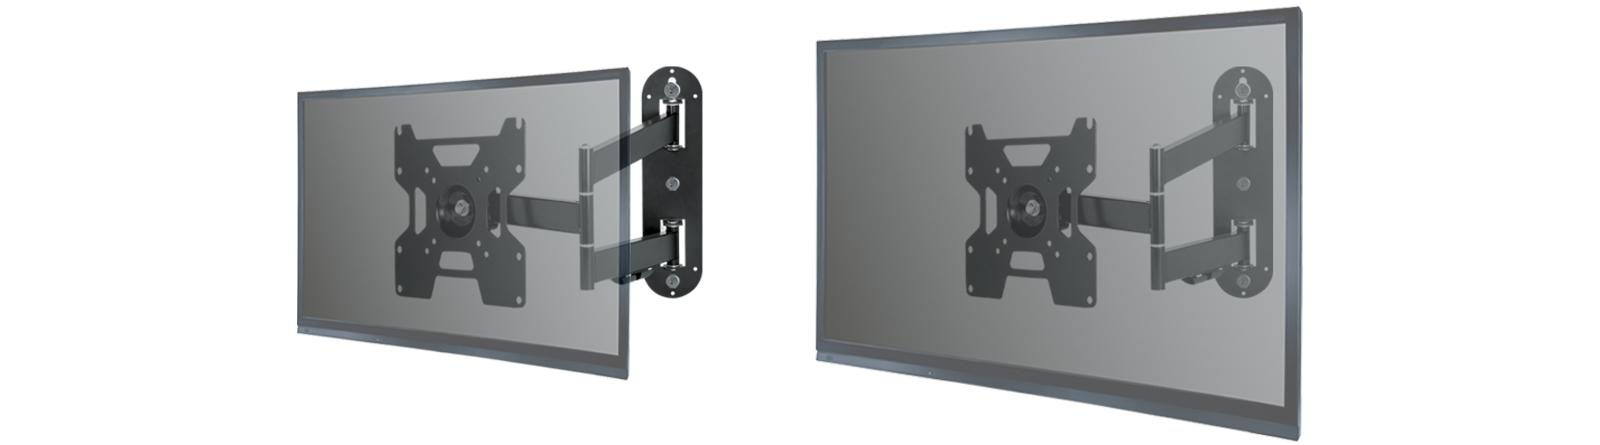 Vollbewegliche Wandhalterung ARCTIC TV Flex S für kleine und mittelgroße TVs